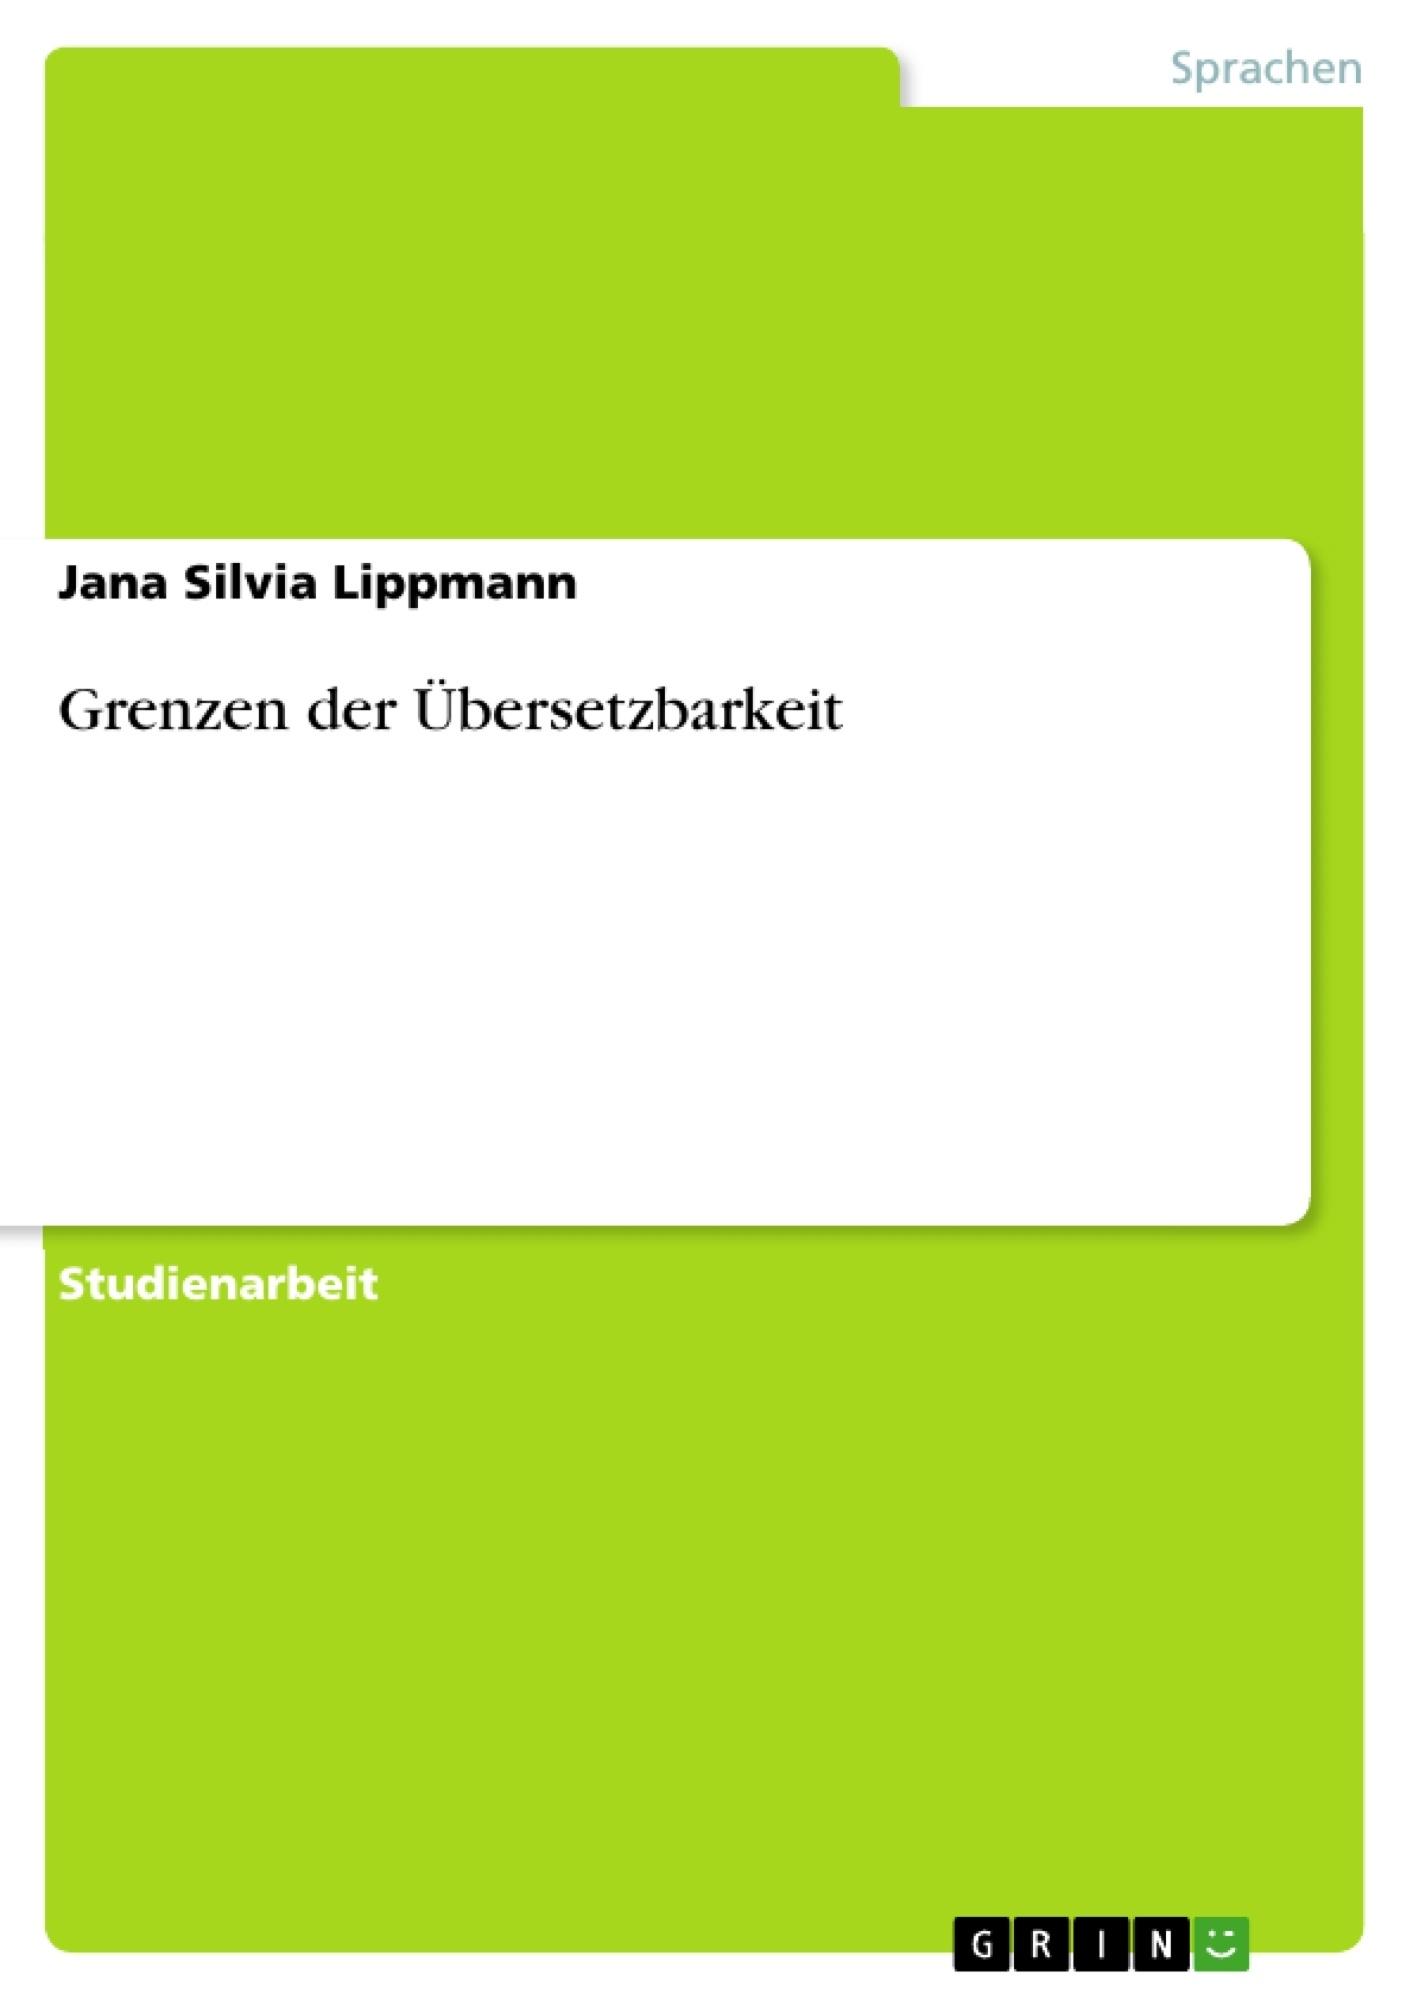 Titel: Grenzen der Übersetzbarkeit